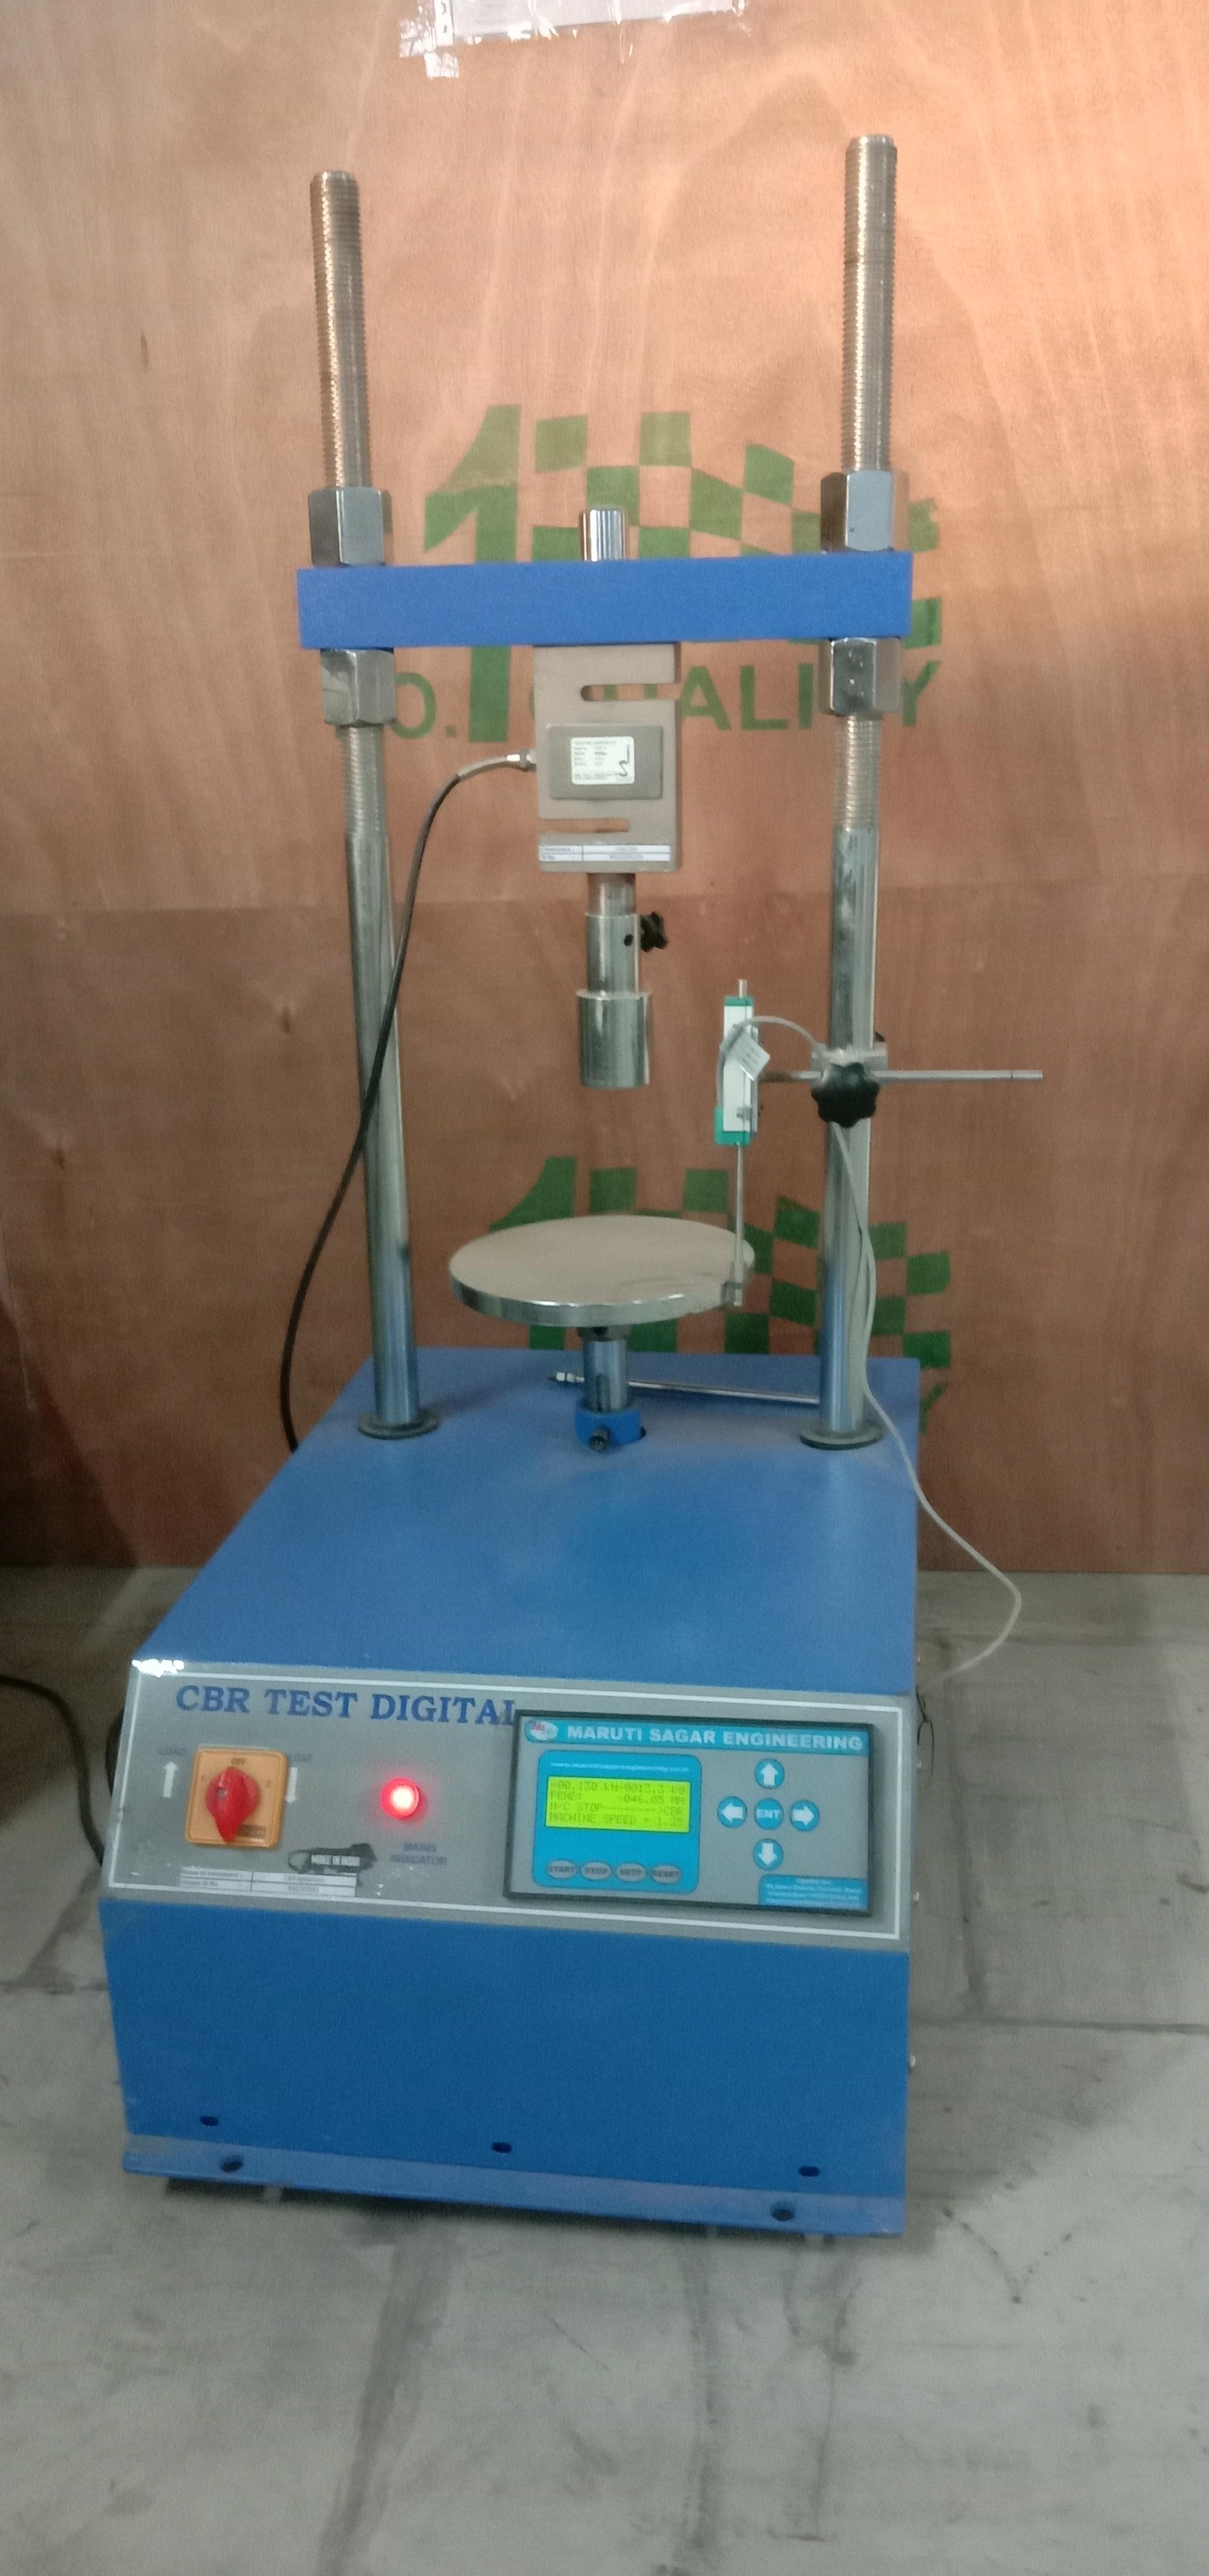 Digital C.B.R. Apparatus